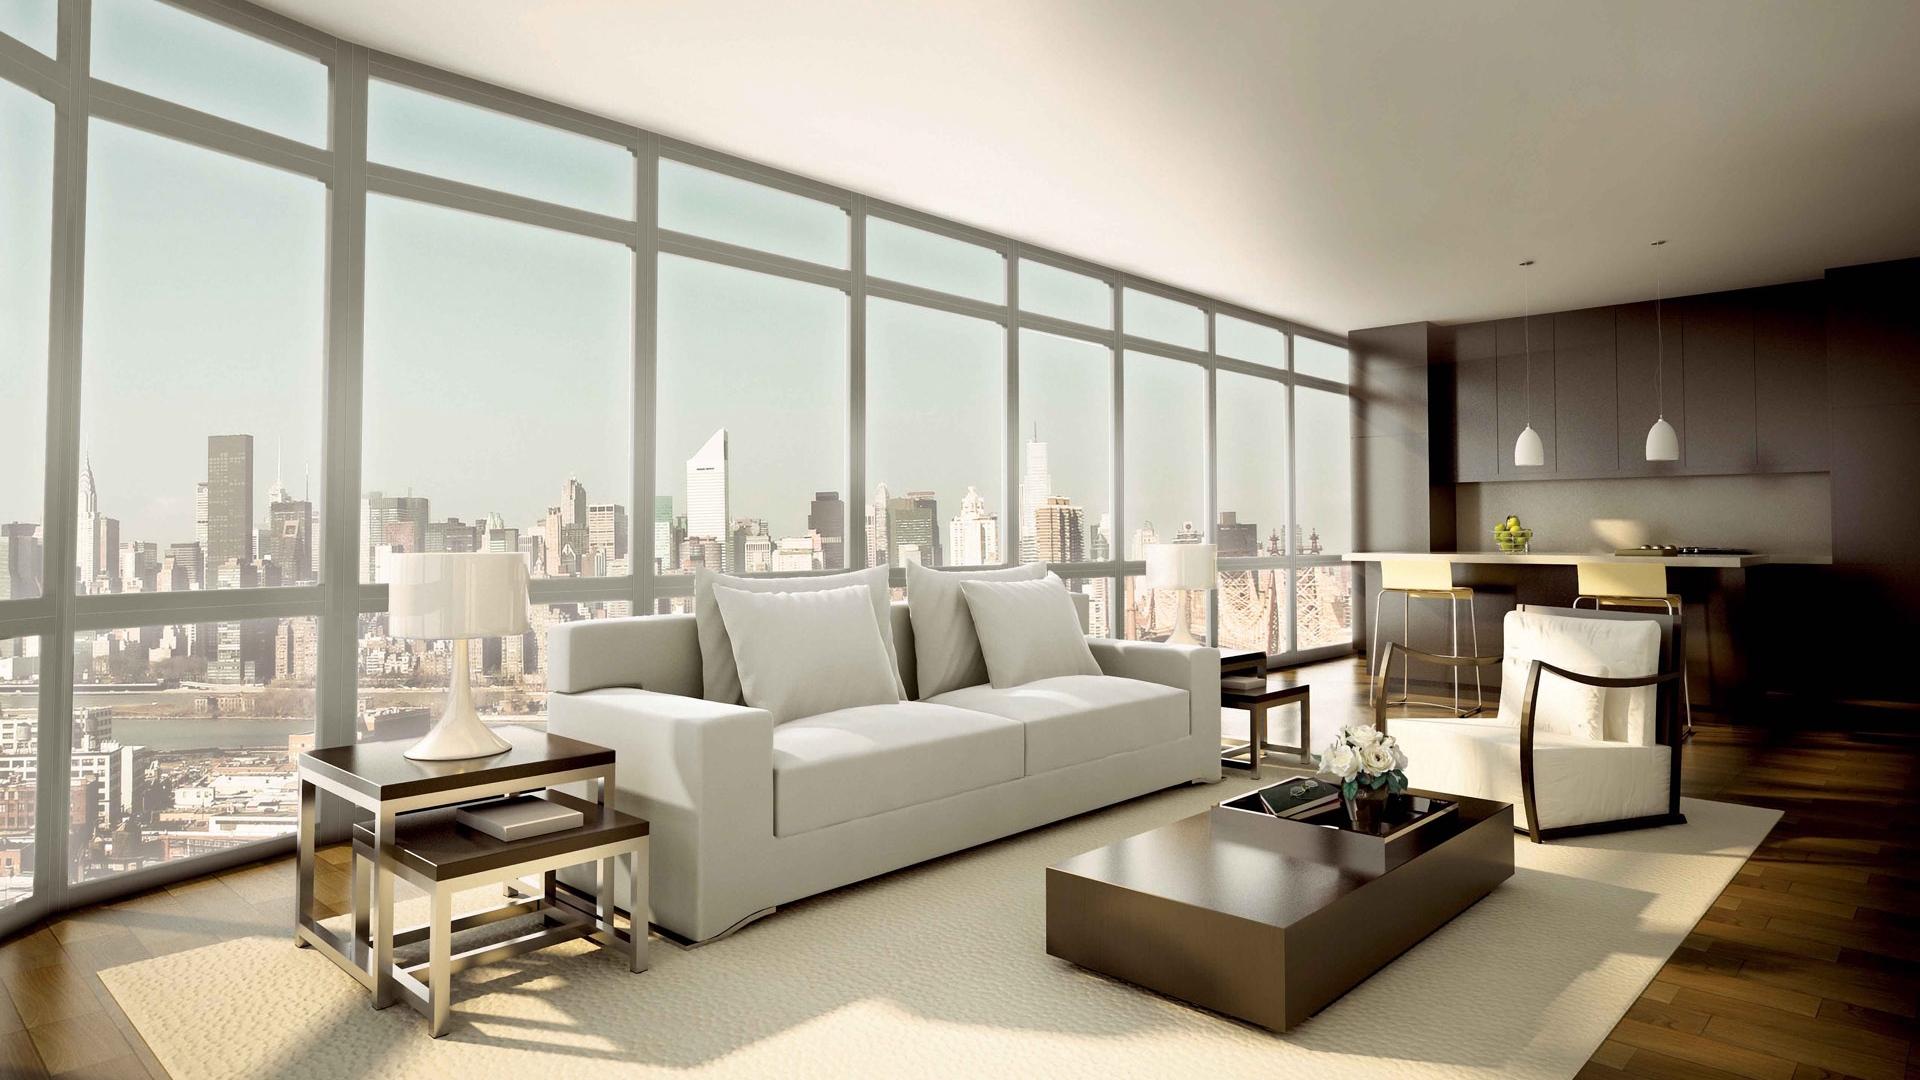 penthaus divan okna stil interer 75612 1920x1080